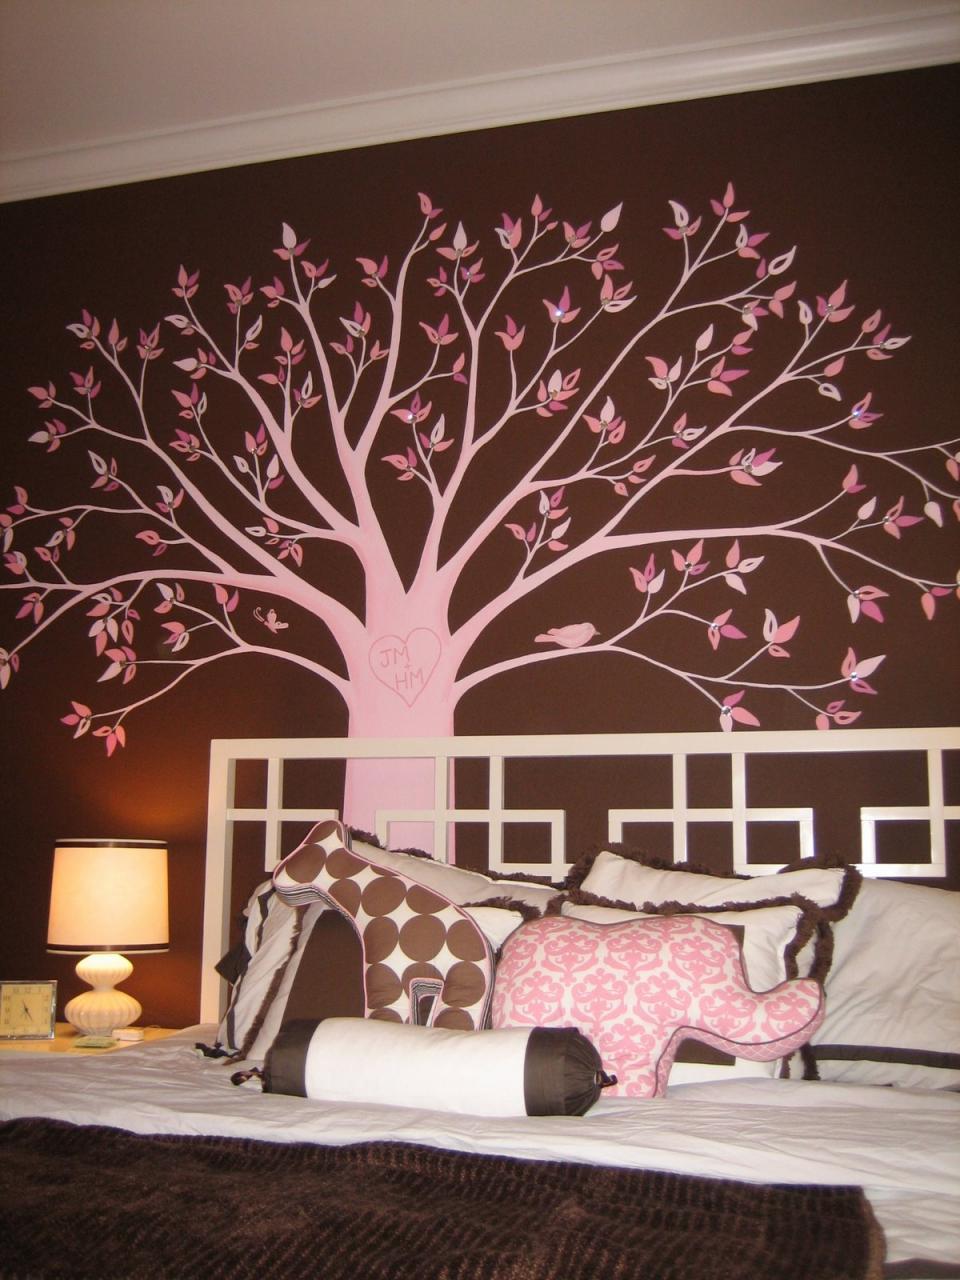 صورة رسومات حائط لغرف النوم , لتزين غرف النوم باجمل الرسومات 2251 8